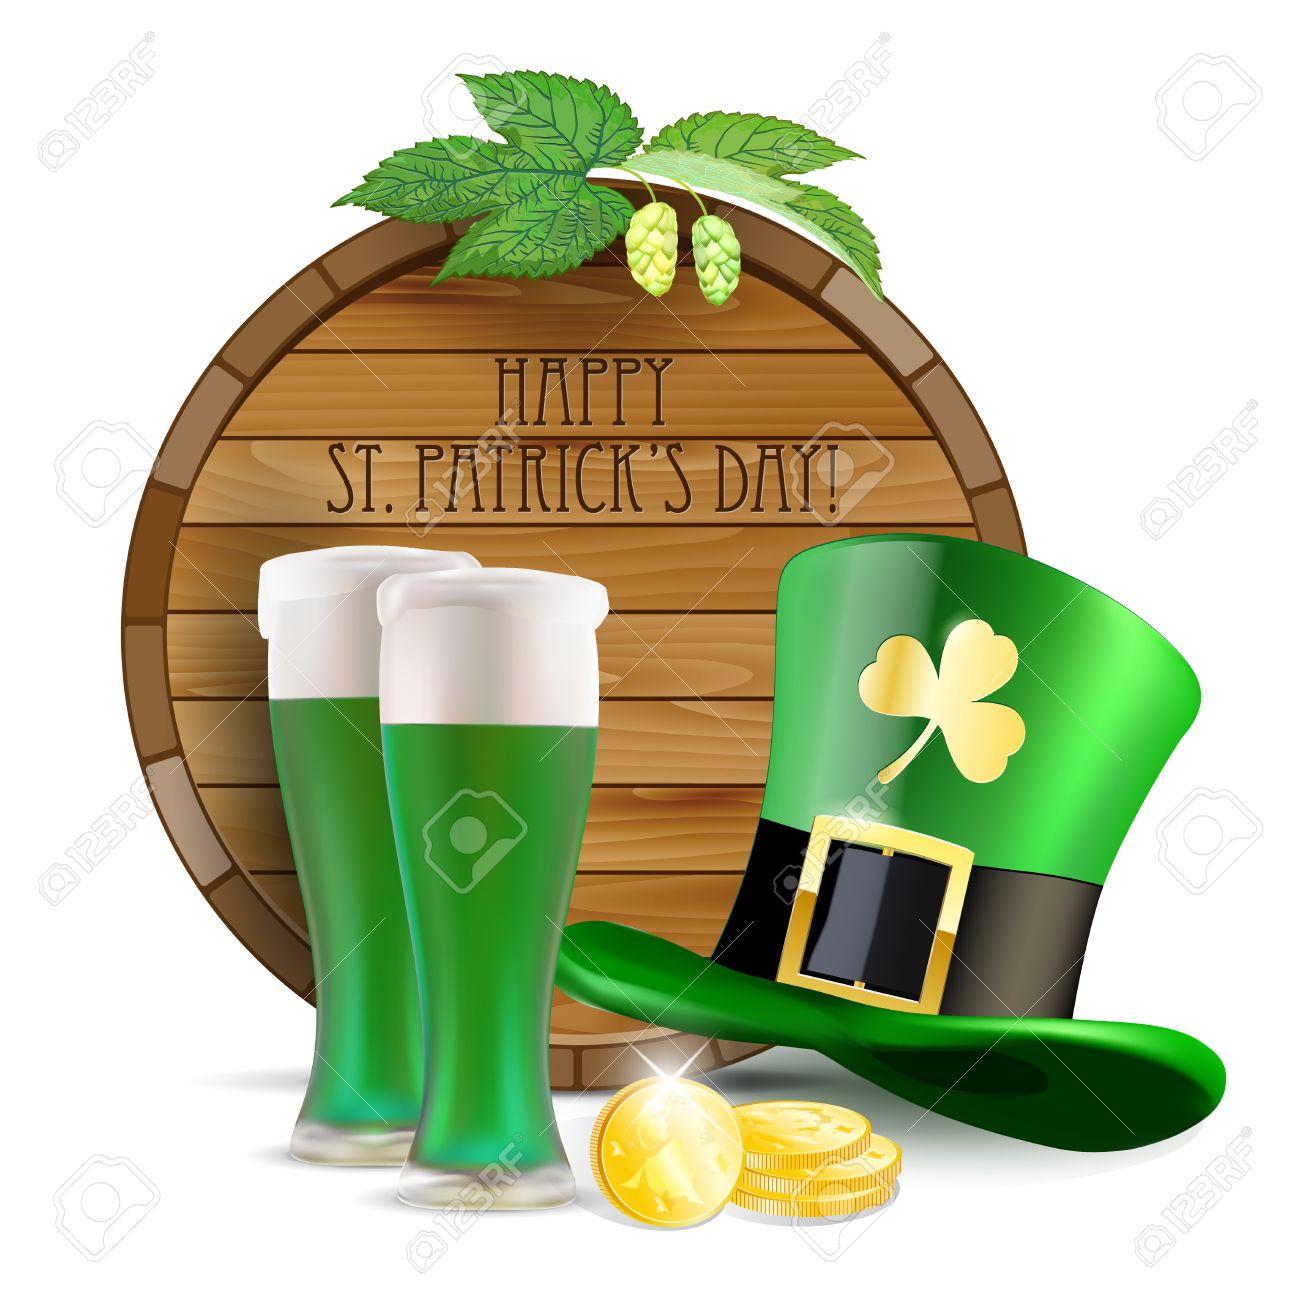 diversifié dans l'emballage pas cher à vendre remise spéciale Tonneau en bois, le houblon, chapeau vert, bière verte et de pièces d'or -  St.Patricks souhait Jour - isolé sur blanc. Vector illustration.